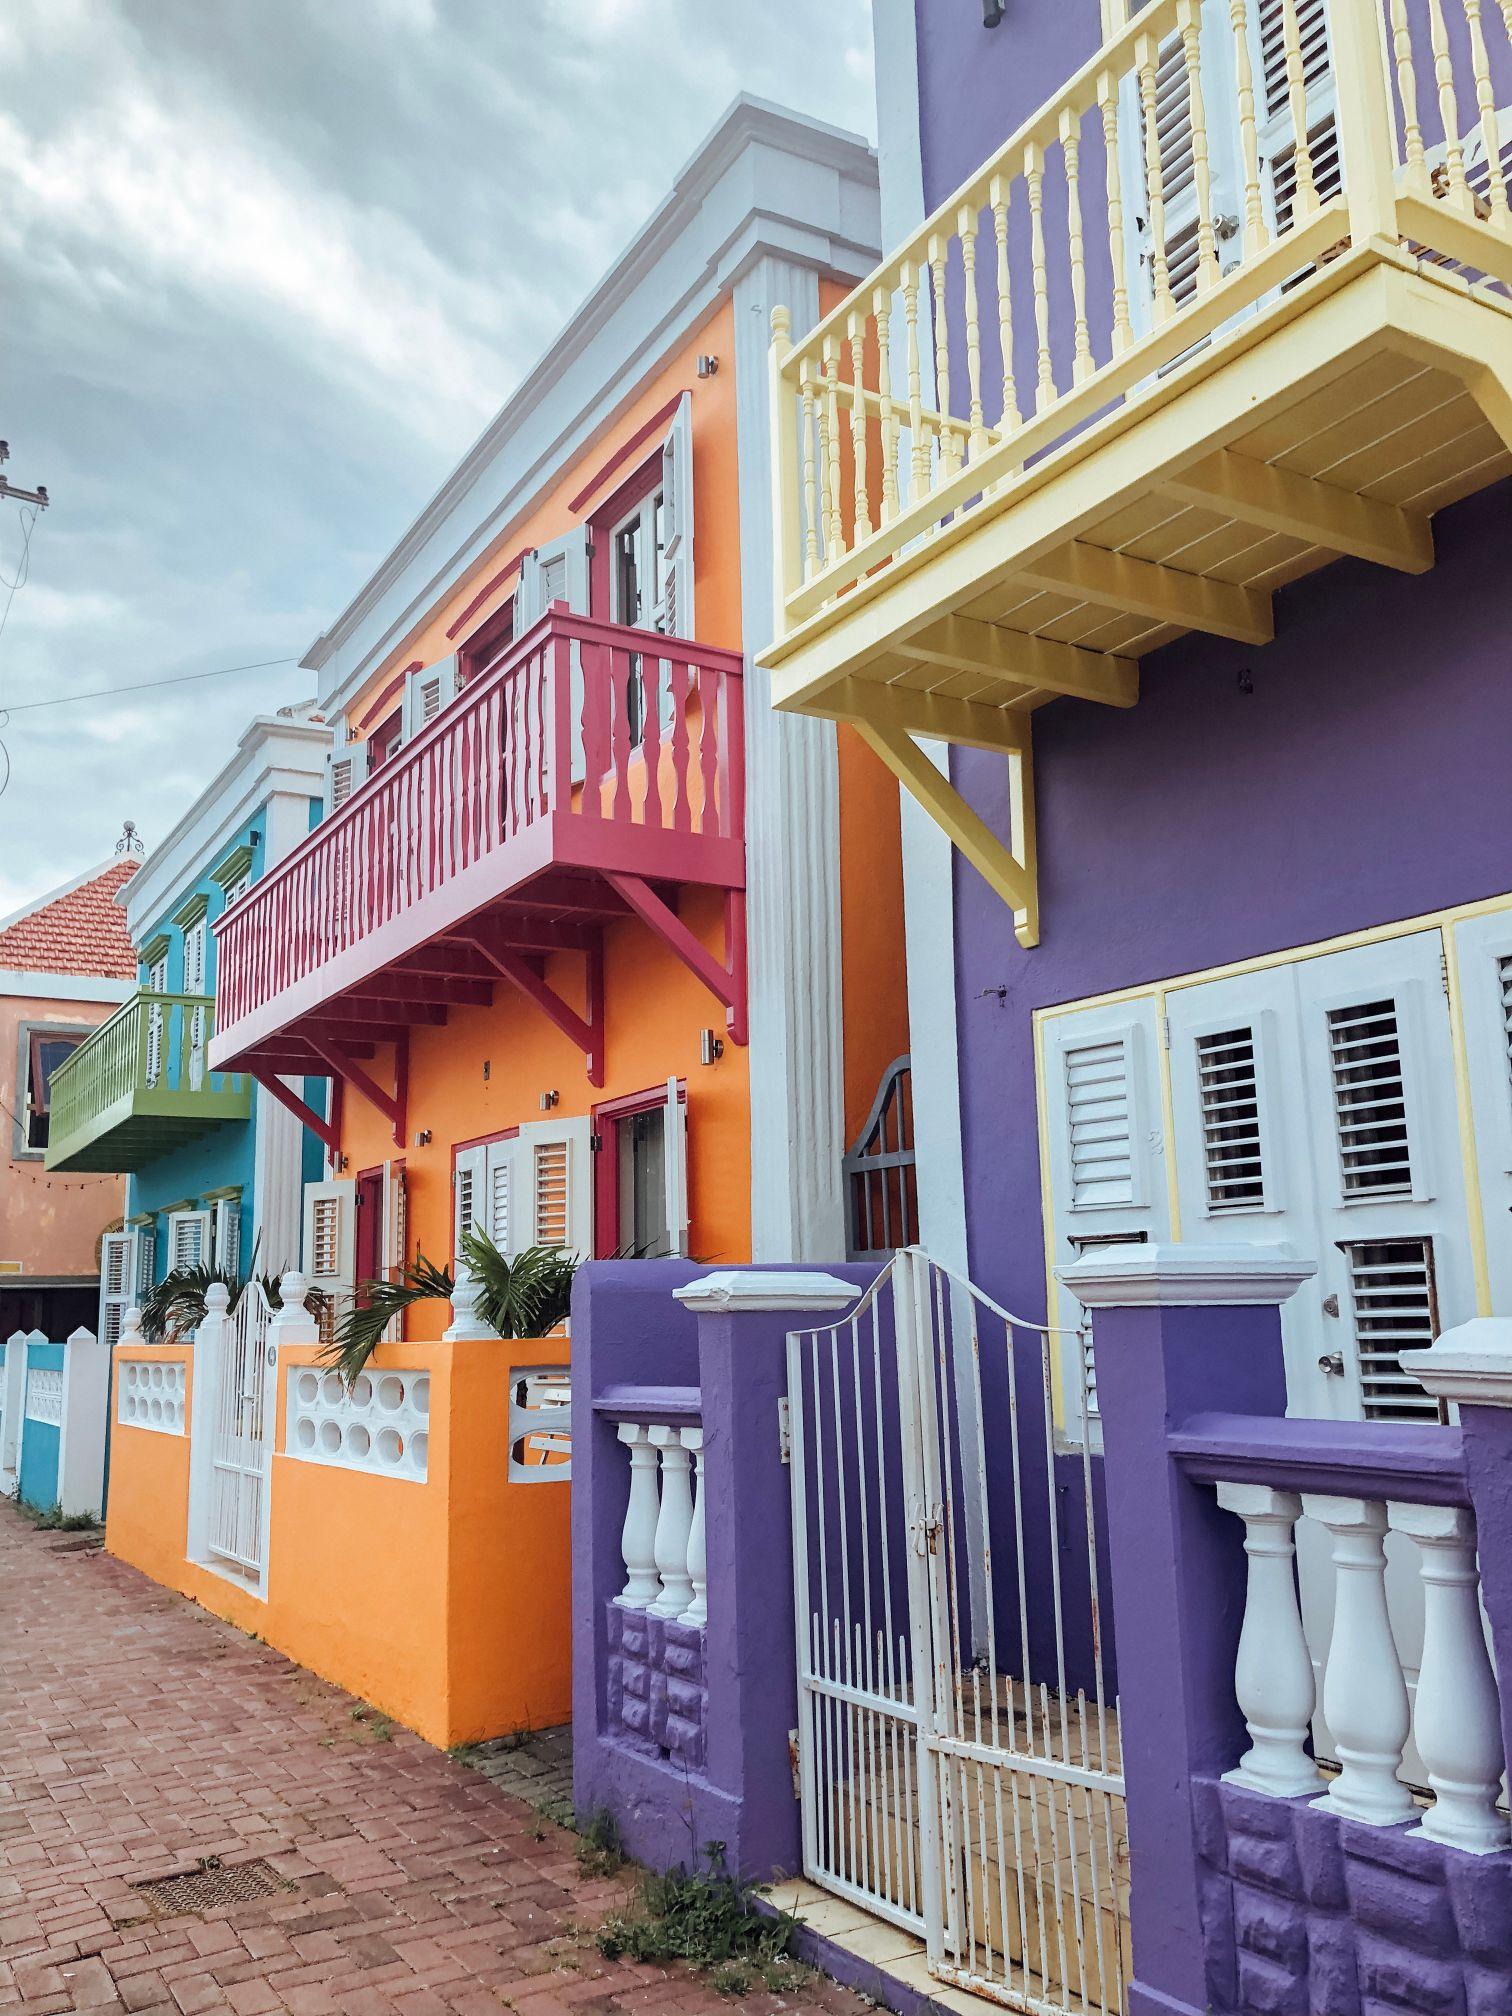 Carnet de voyage : Curaçao, un rêve en couleurs - 2